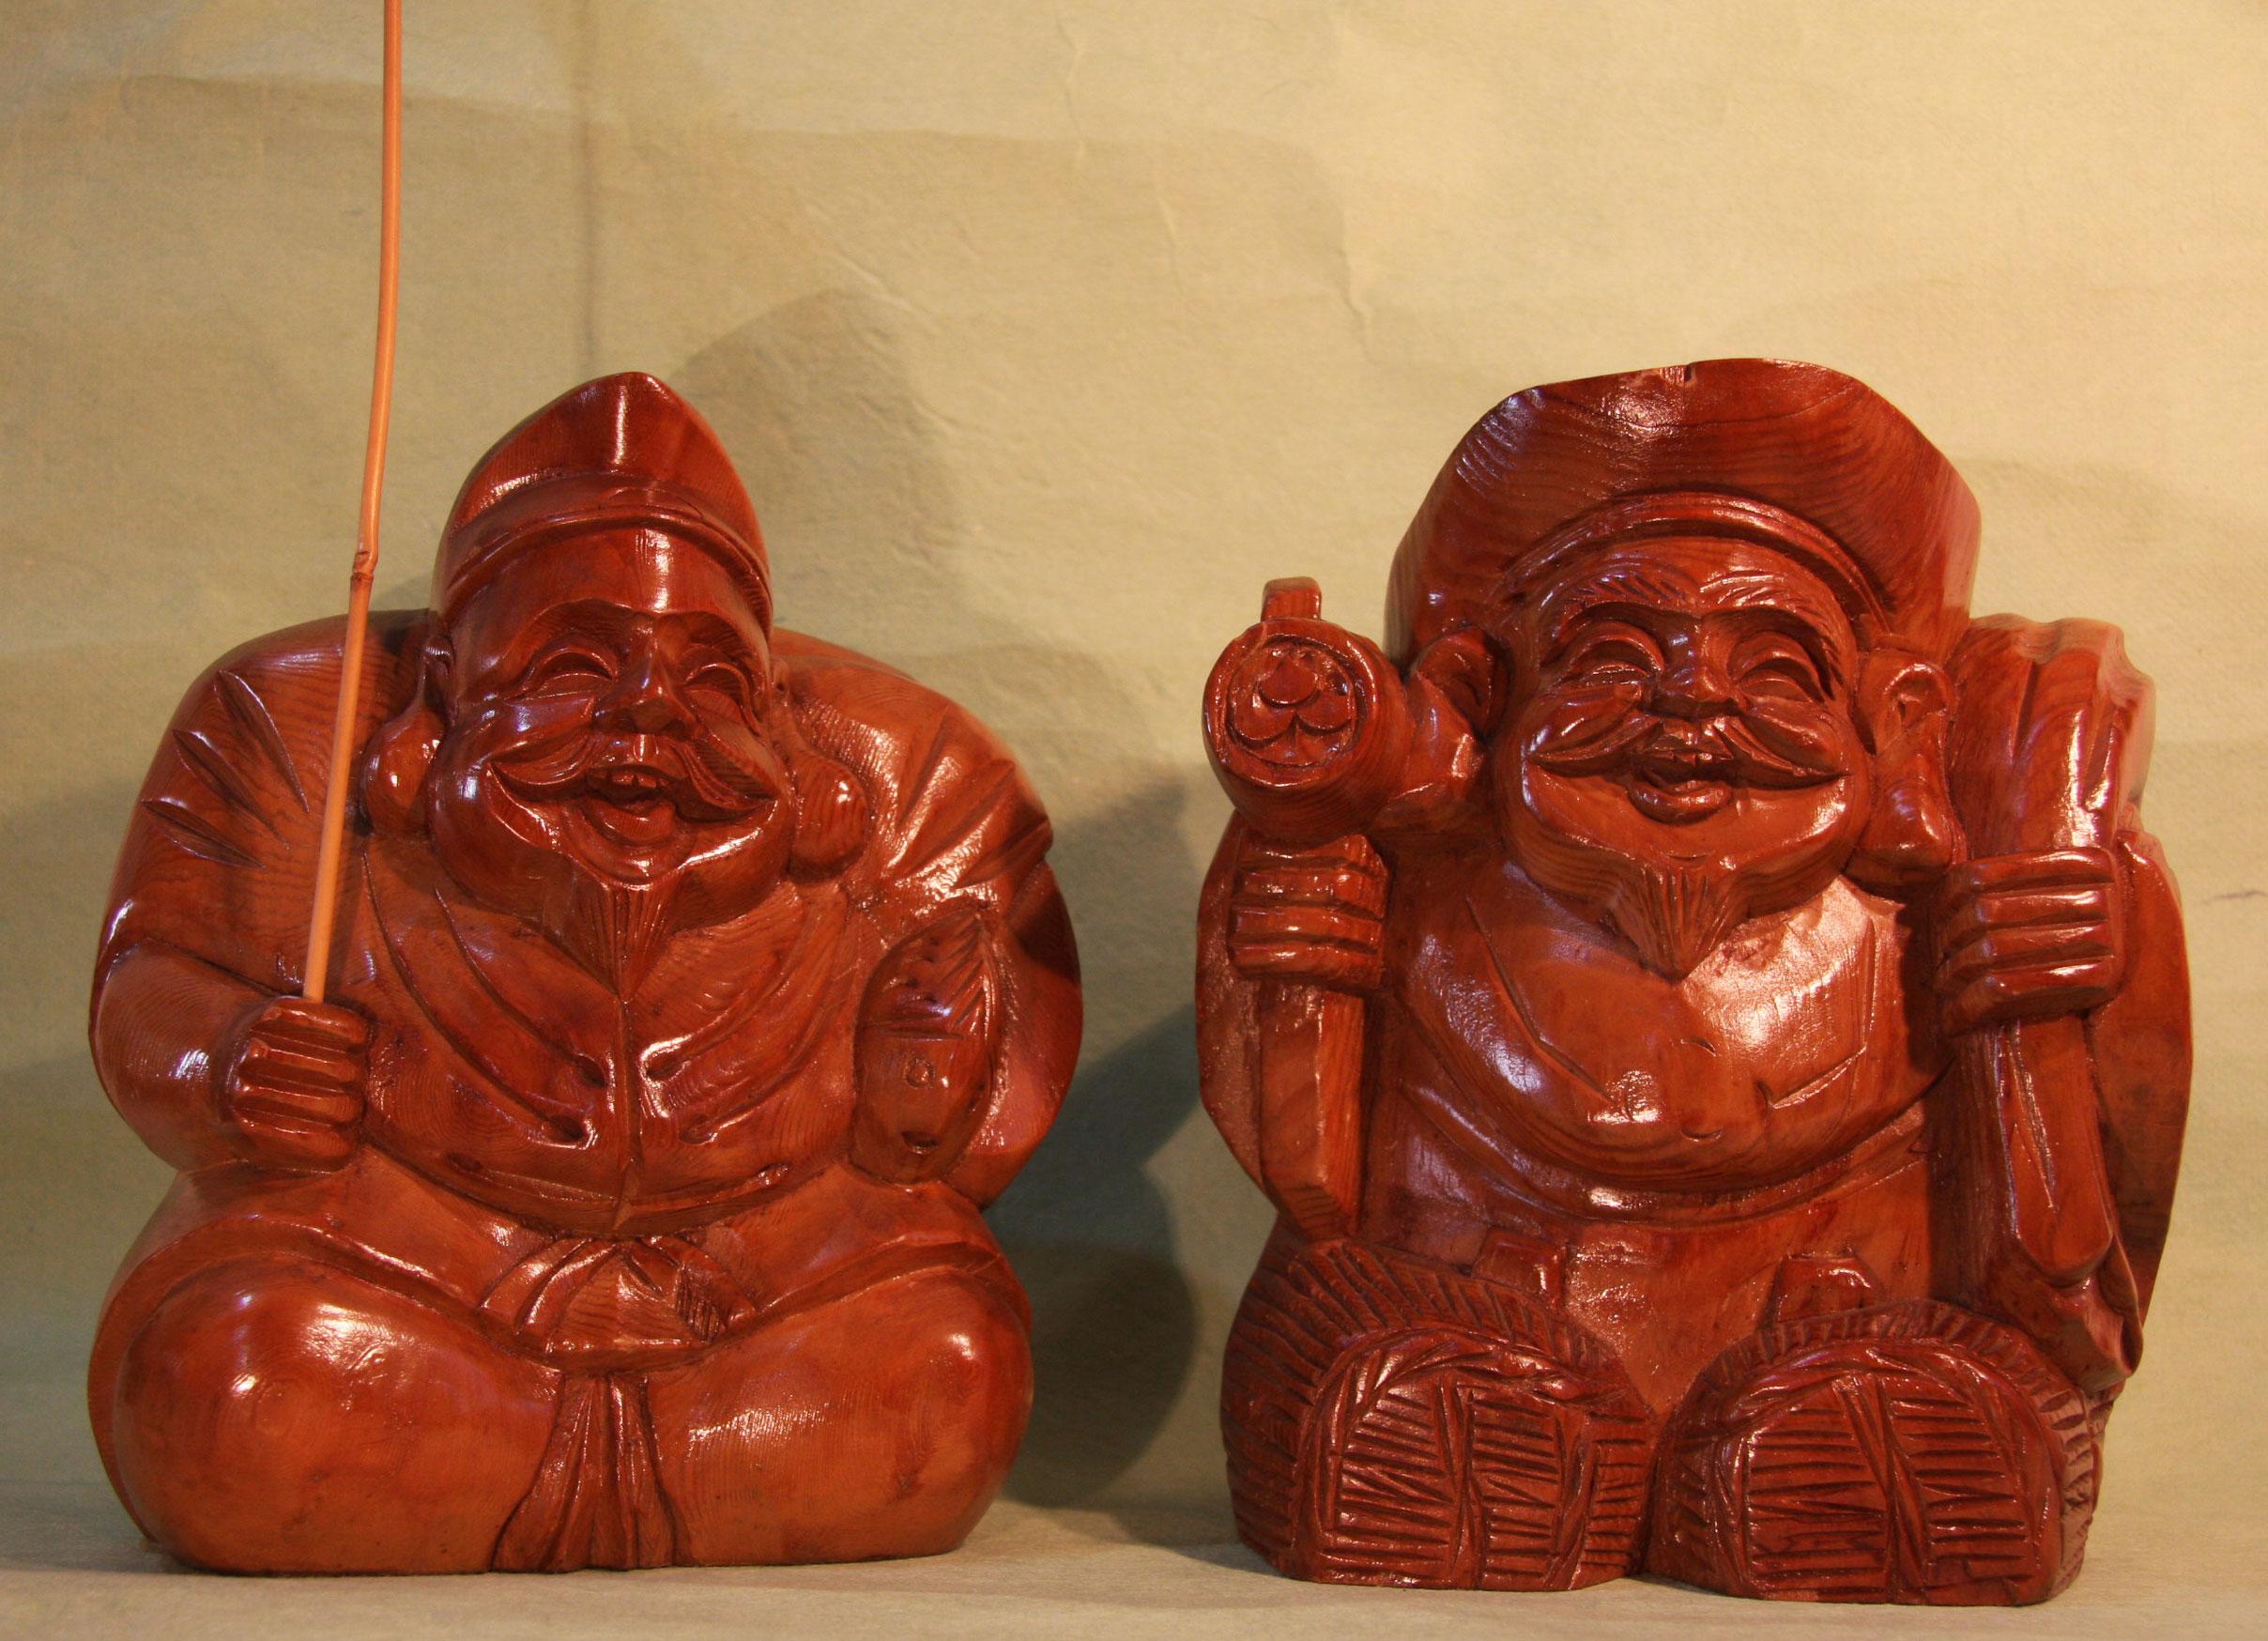 木彫りの恵比寿様と大黒様 日本製 【AJ1100】